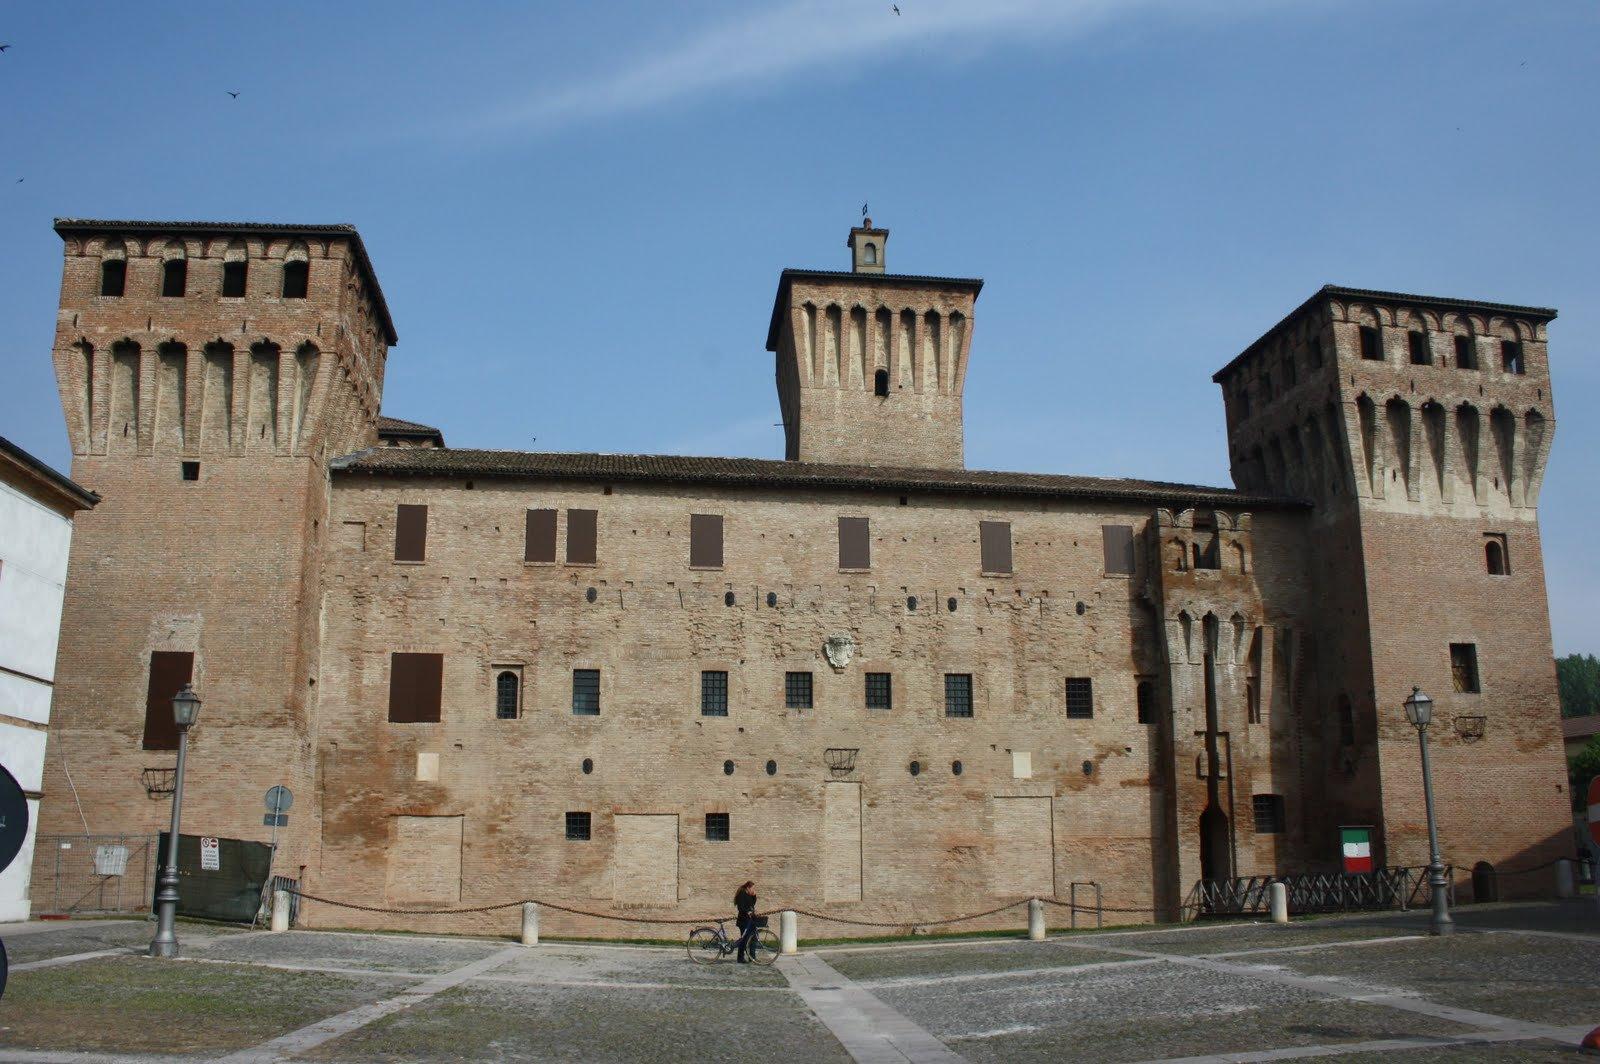 Castello delle Rocche